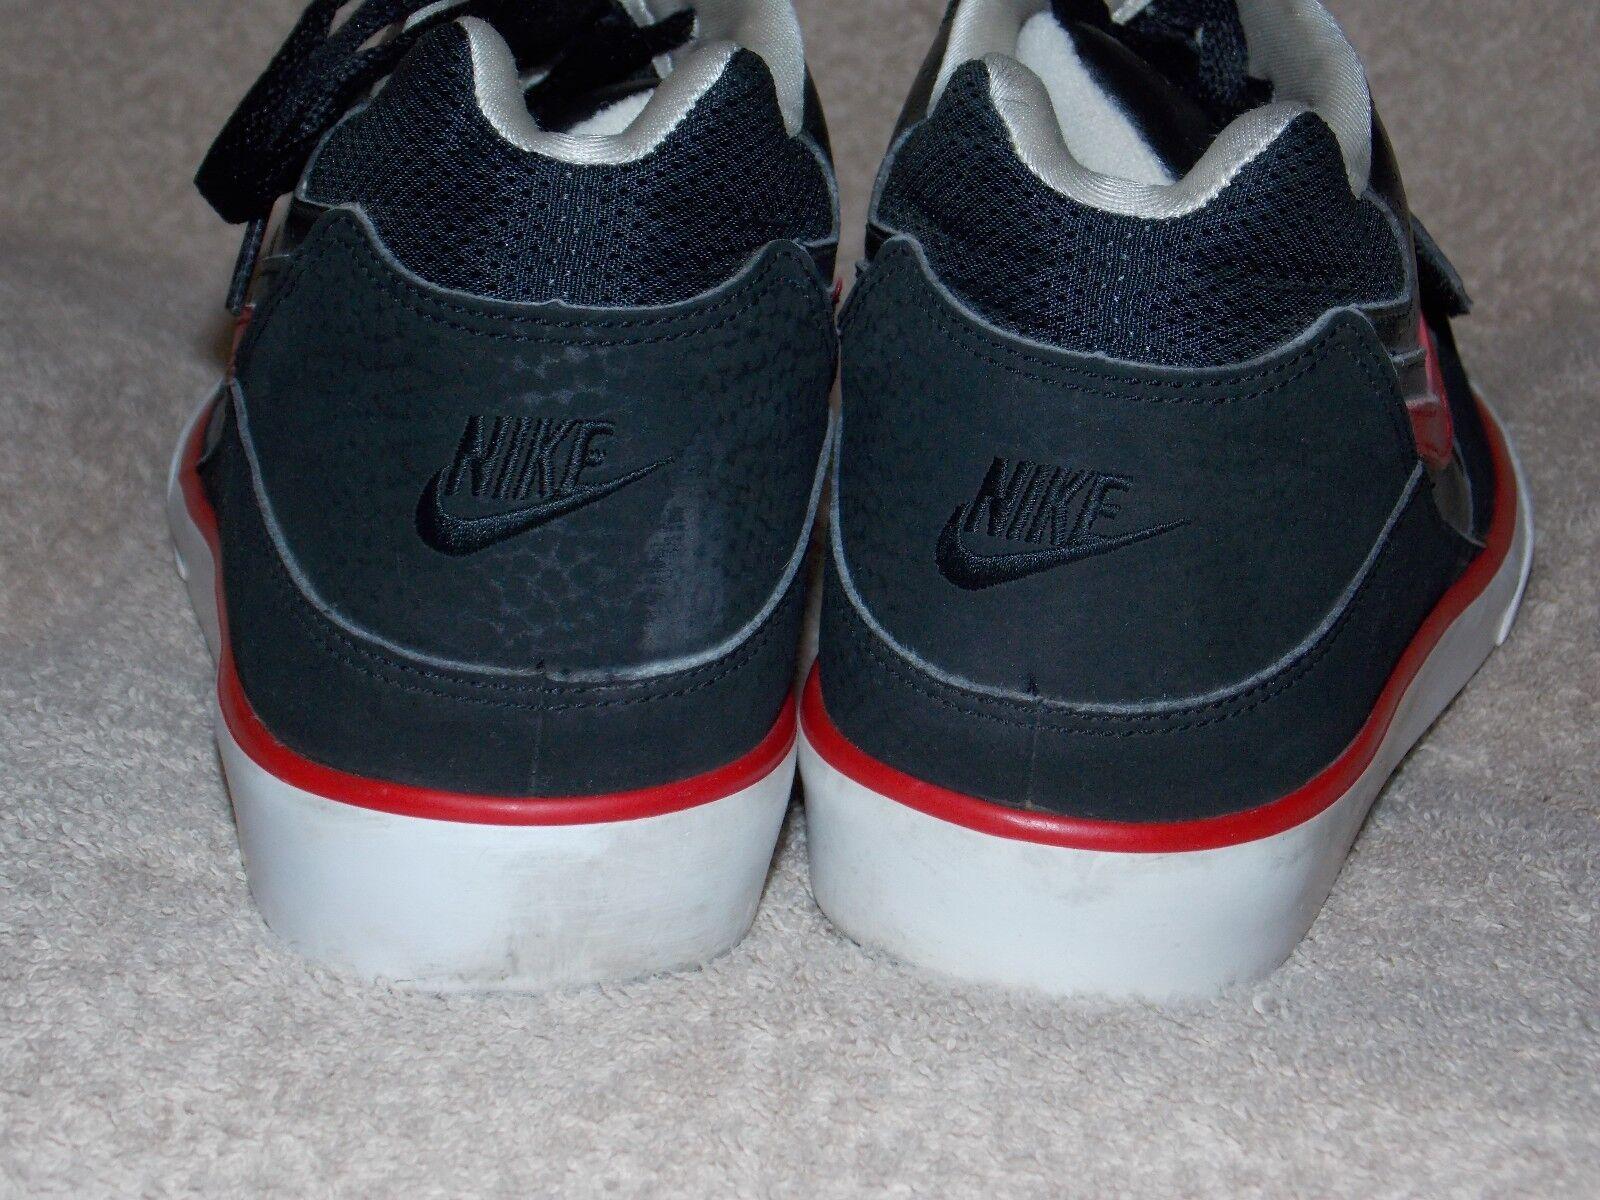 Nike macht schwarz - rot - basketball - männer schuhe 9 männer - verwendet 25637b